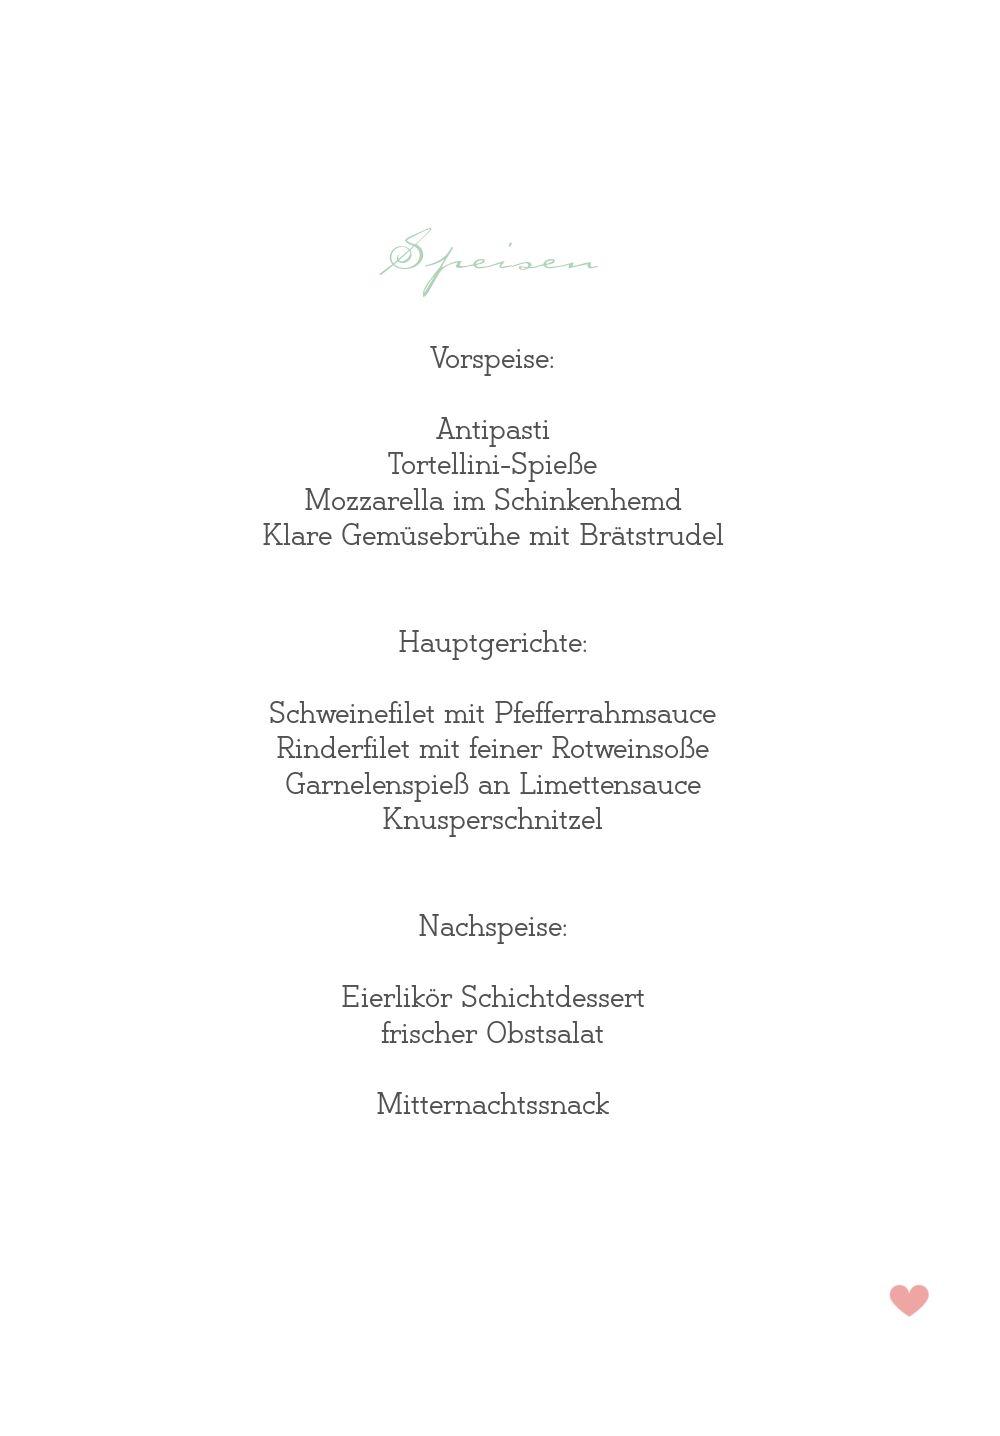 Ansicht 5 - Hochzeit Menükarte Zarte Ranke